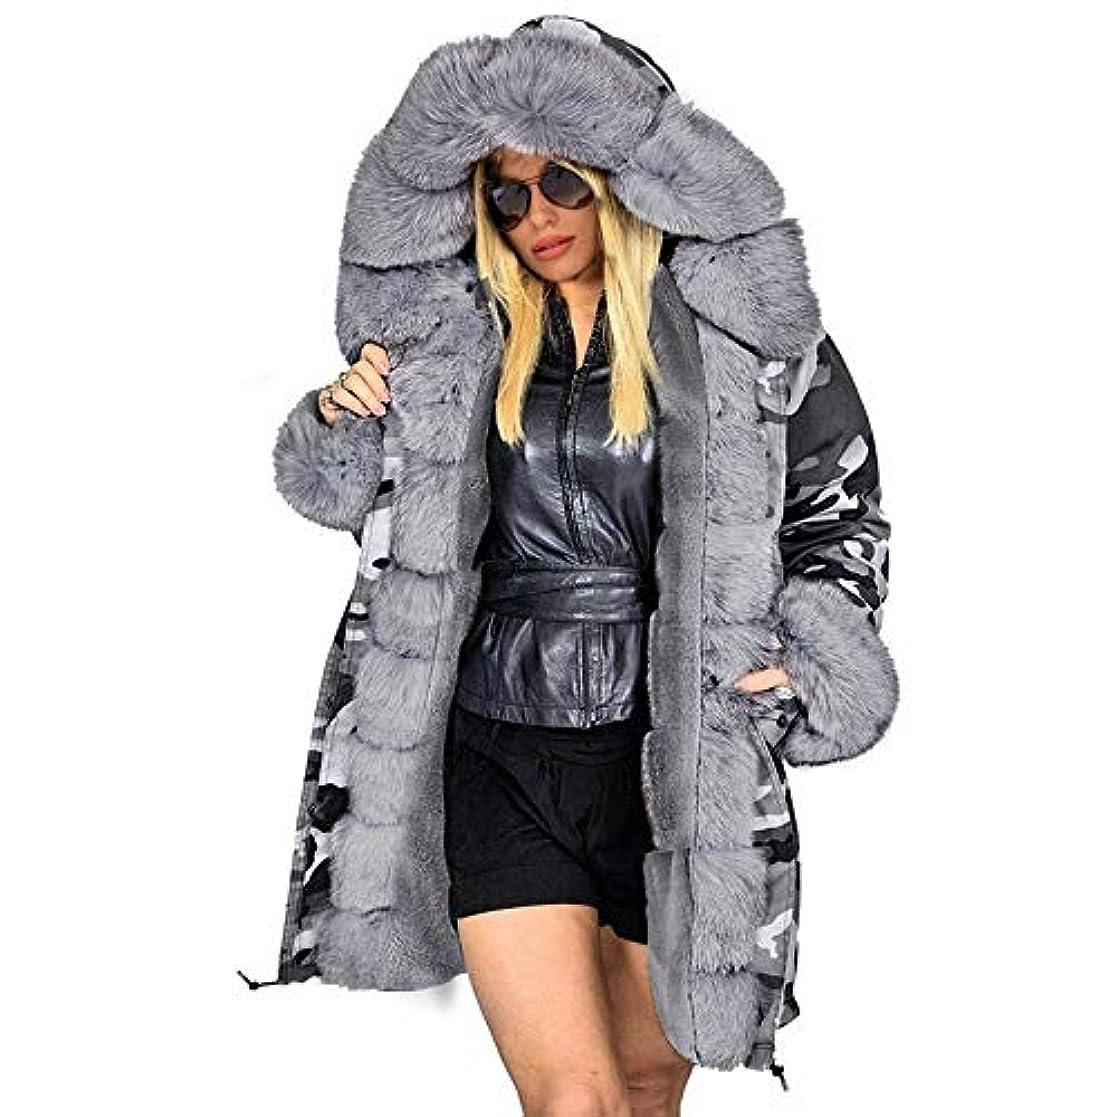 幹心臓次へファッションコートウィンタージャケット女性フードパーカーロングウォームコットンジャケットアウターウェア女性ウィンターコートプラスサイズ,XXXL